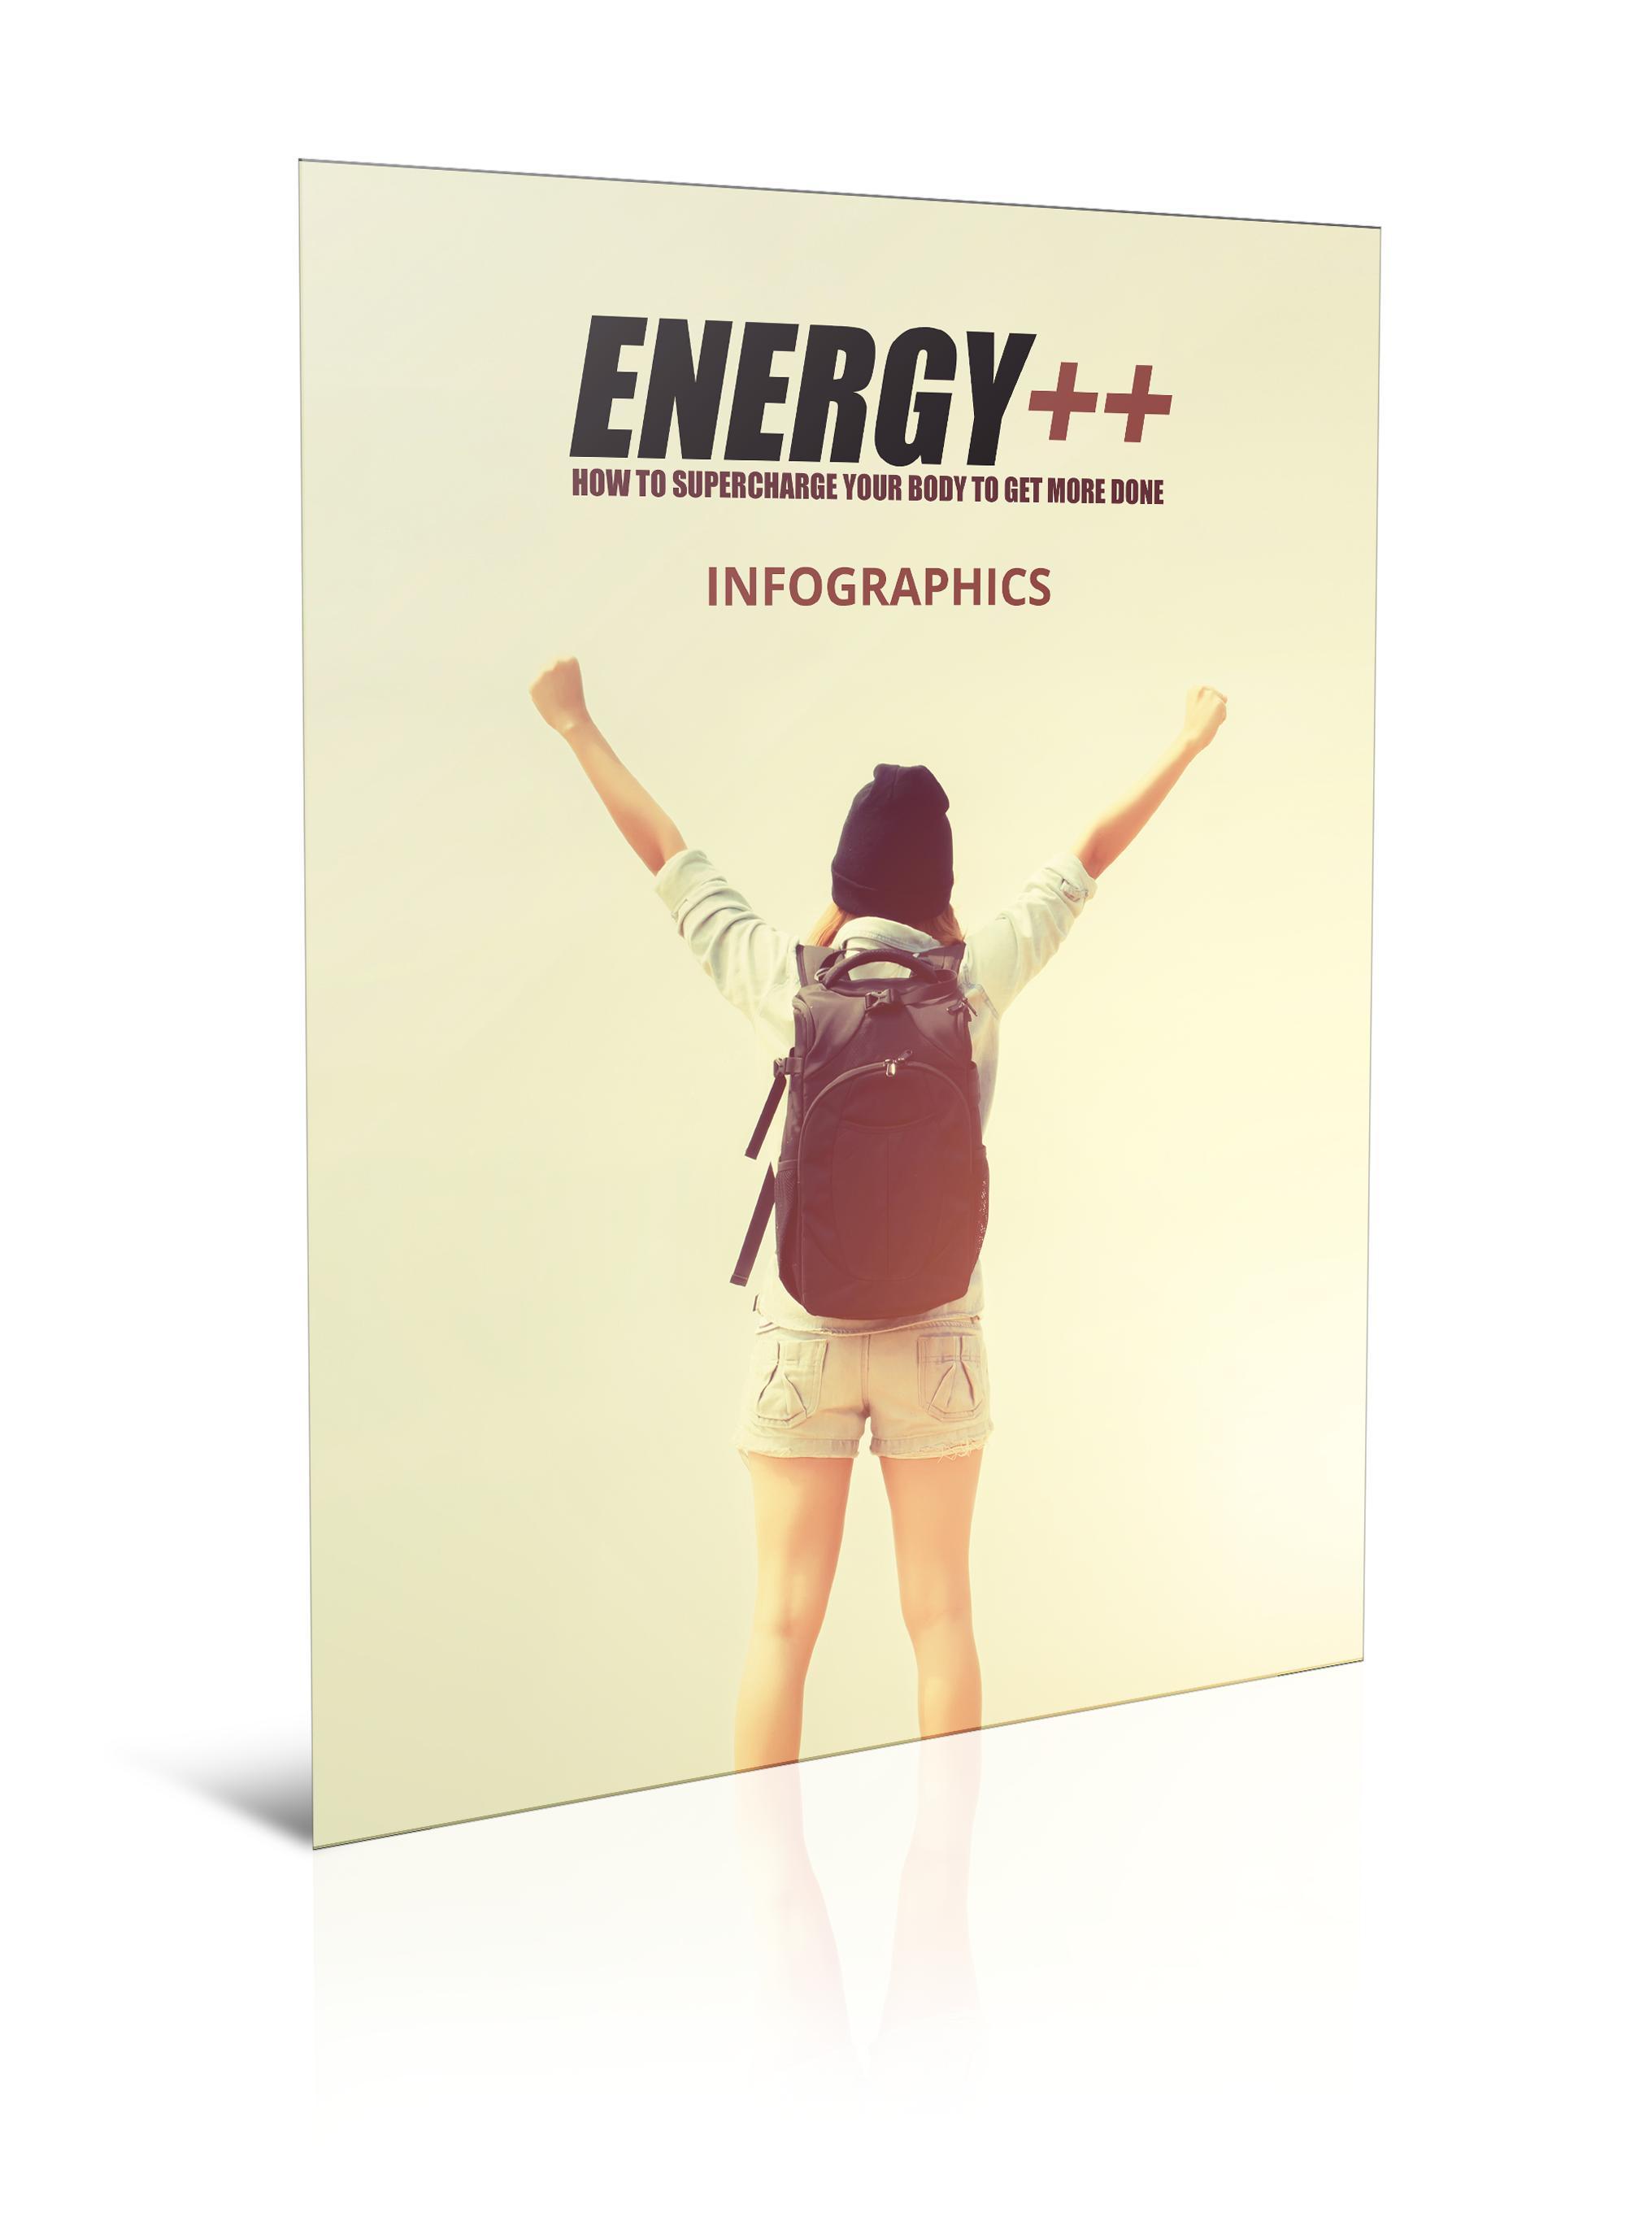 MRR Energy++